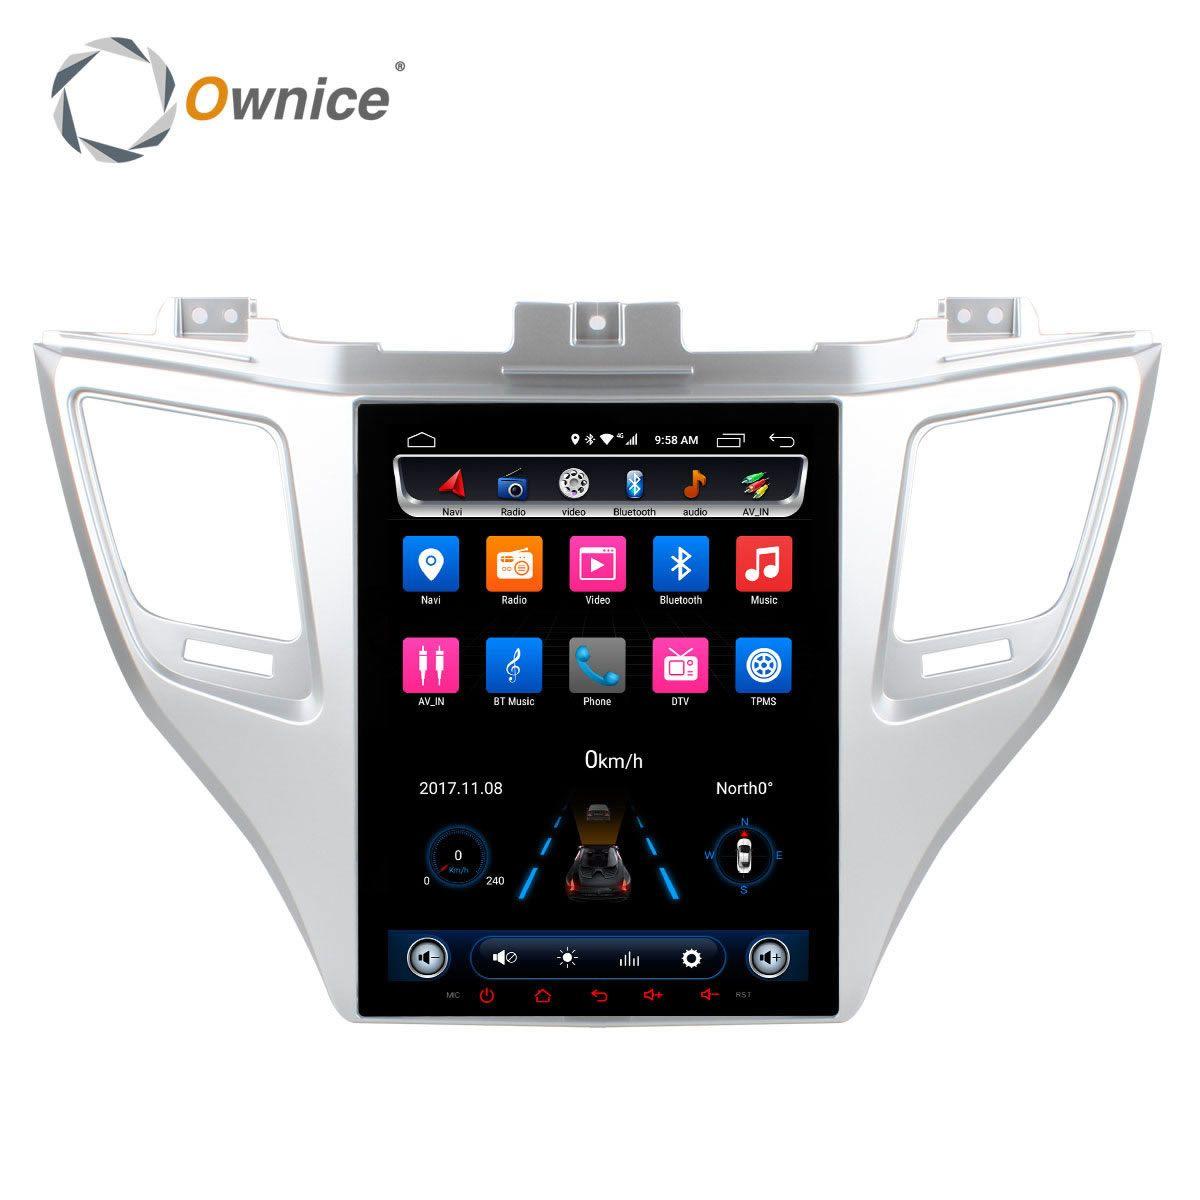 Ownice Android 6.0 Zwei Lärmauto DVD-Spieler Für Hyundai TUCSON 2015 mit 2 GB RAM 32g rom GPS Navigation Radio Unterstützung auto spielen dvr